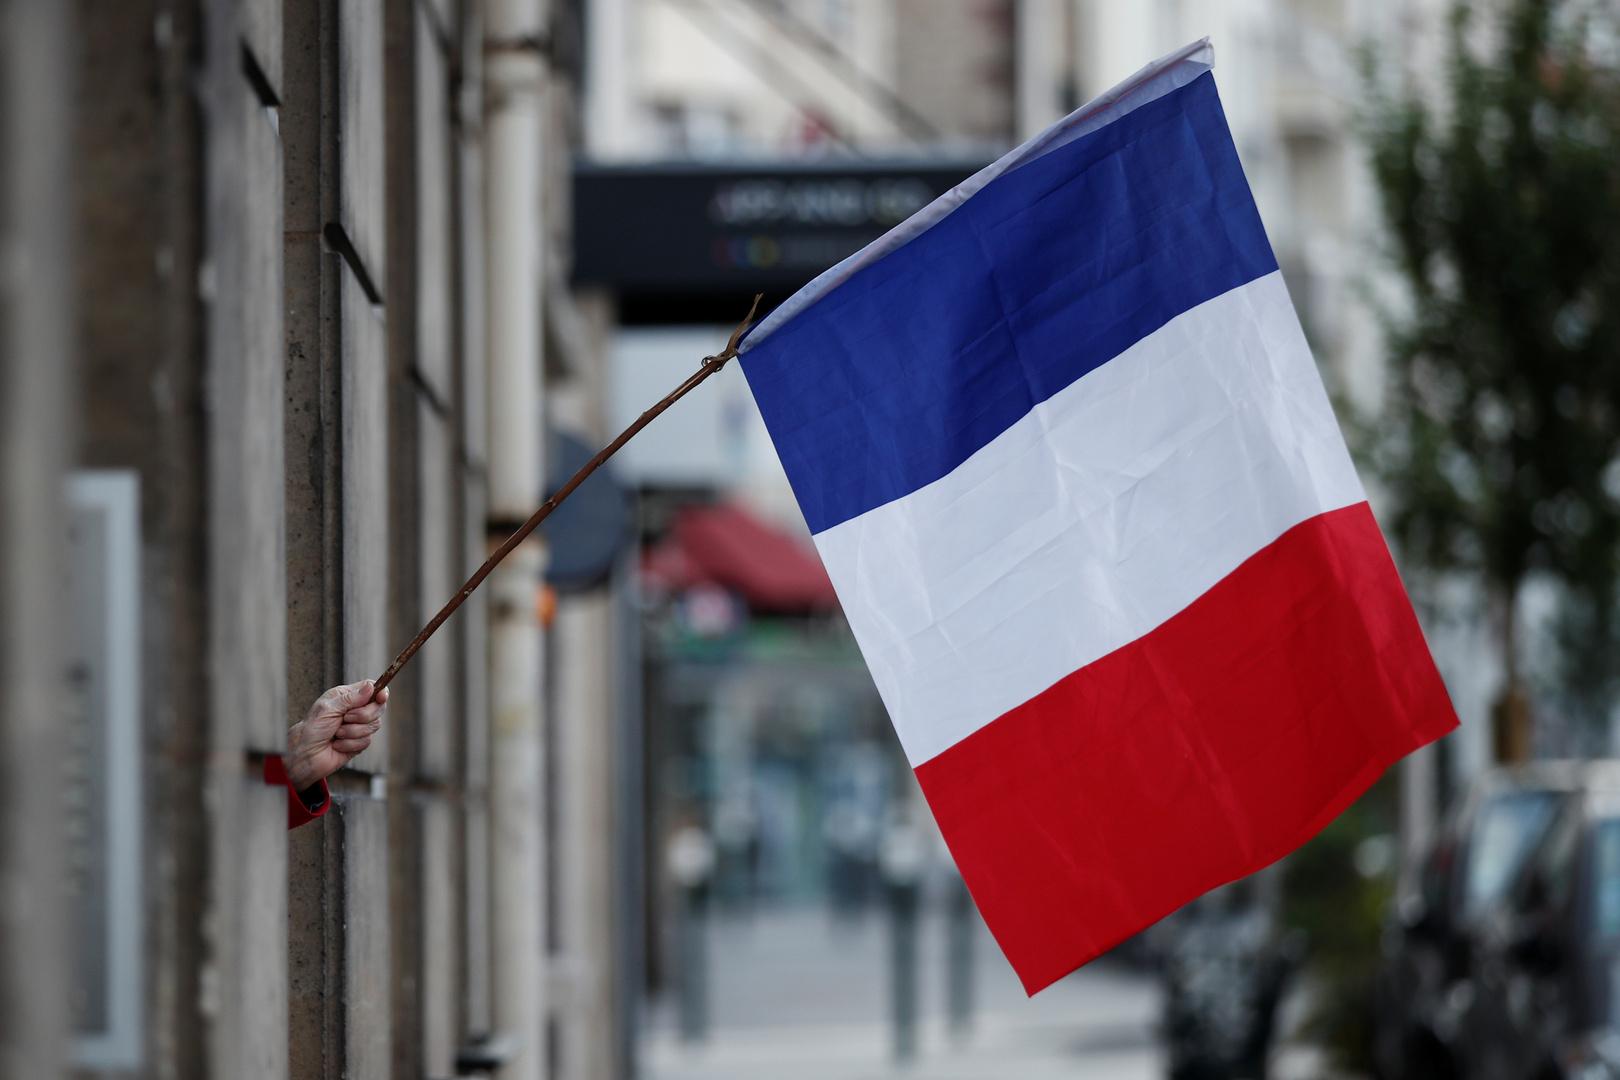 مسؤول فرنسي: باريس وشركاؤها يسعون لجمع مساعدات عاجلة للجيش اللبناني